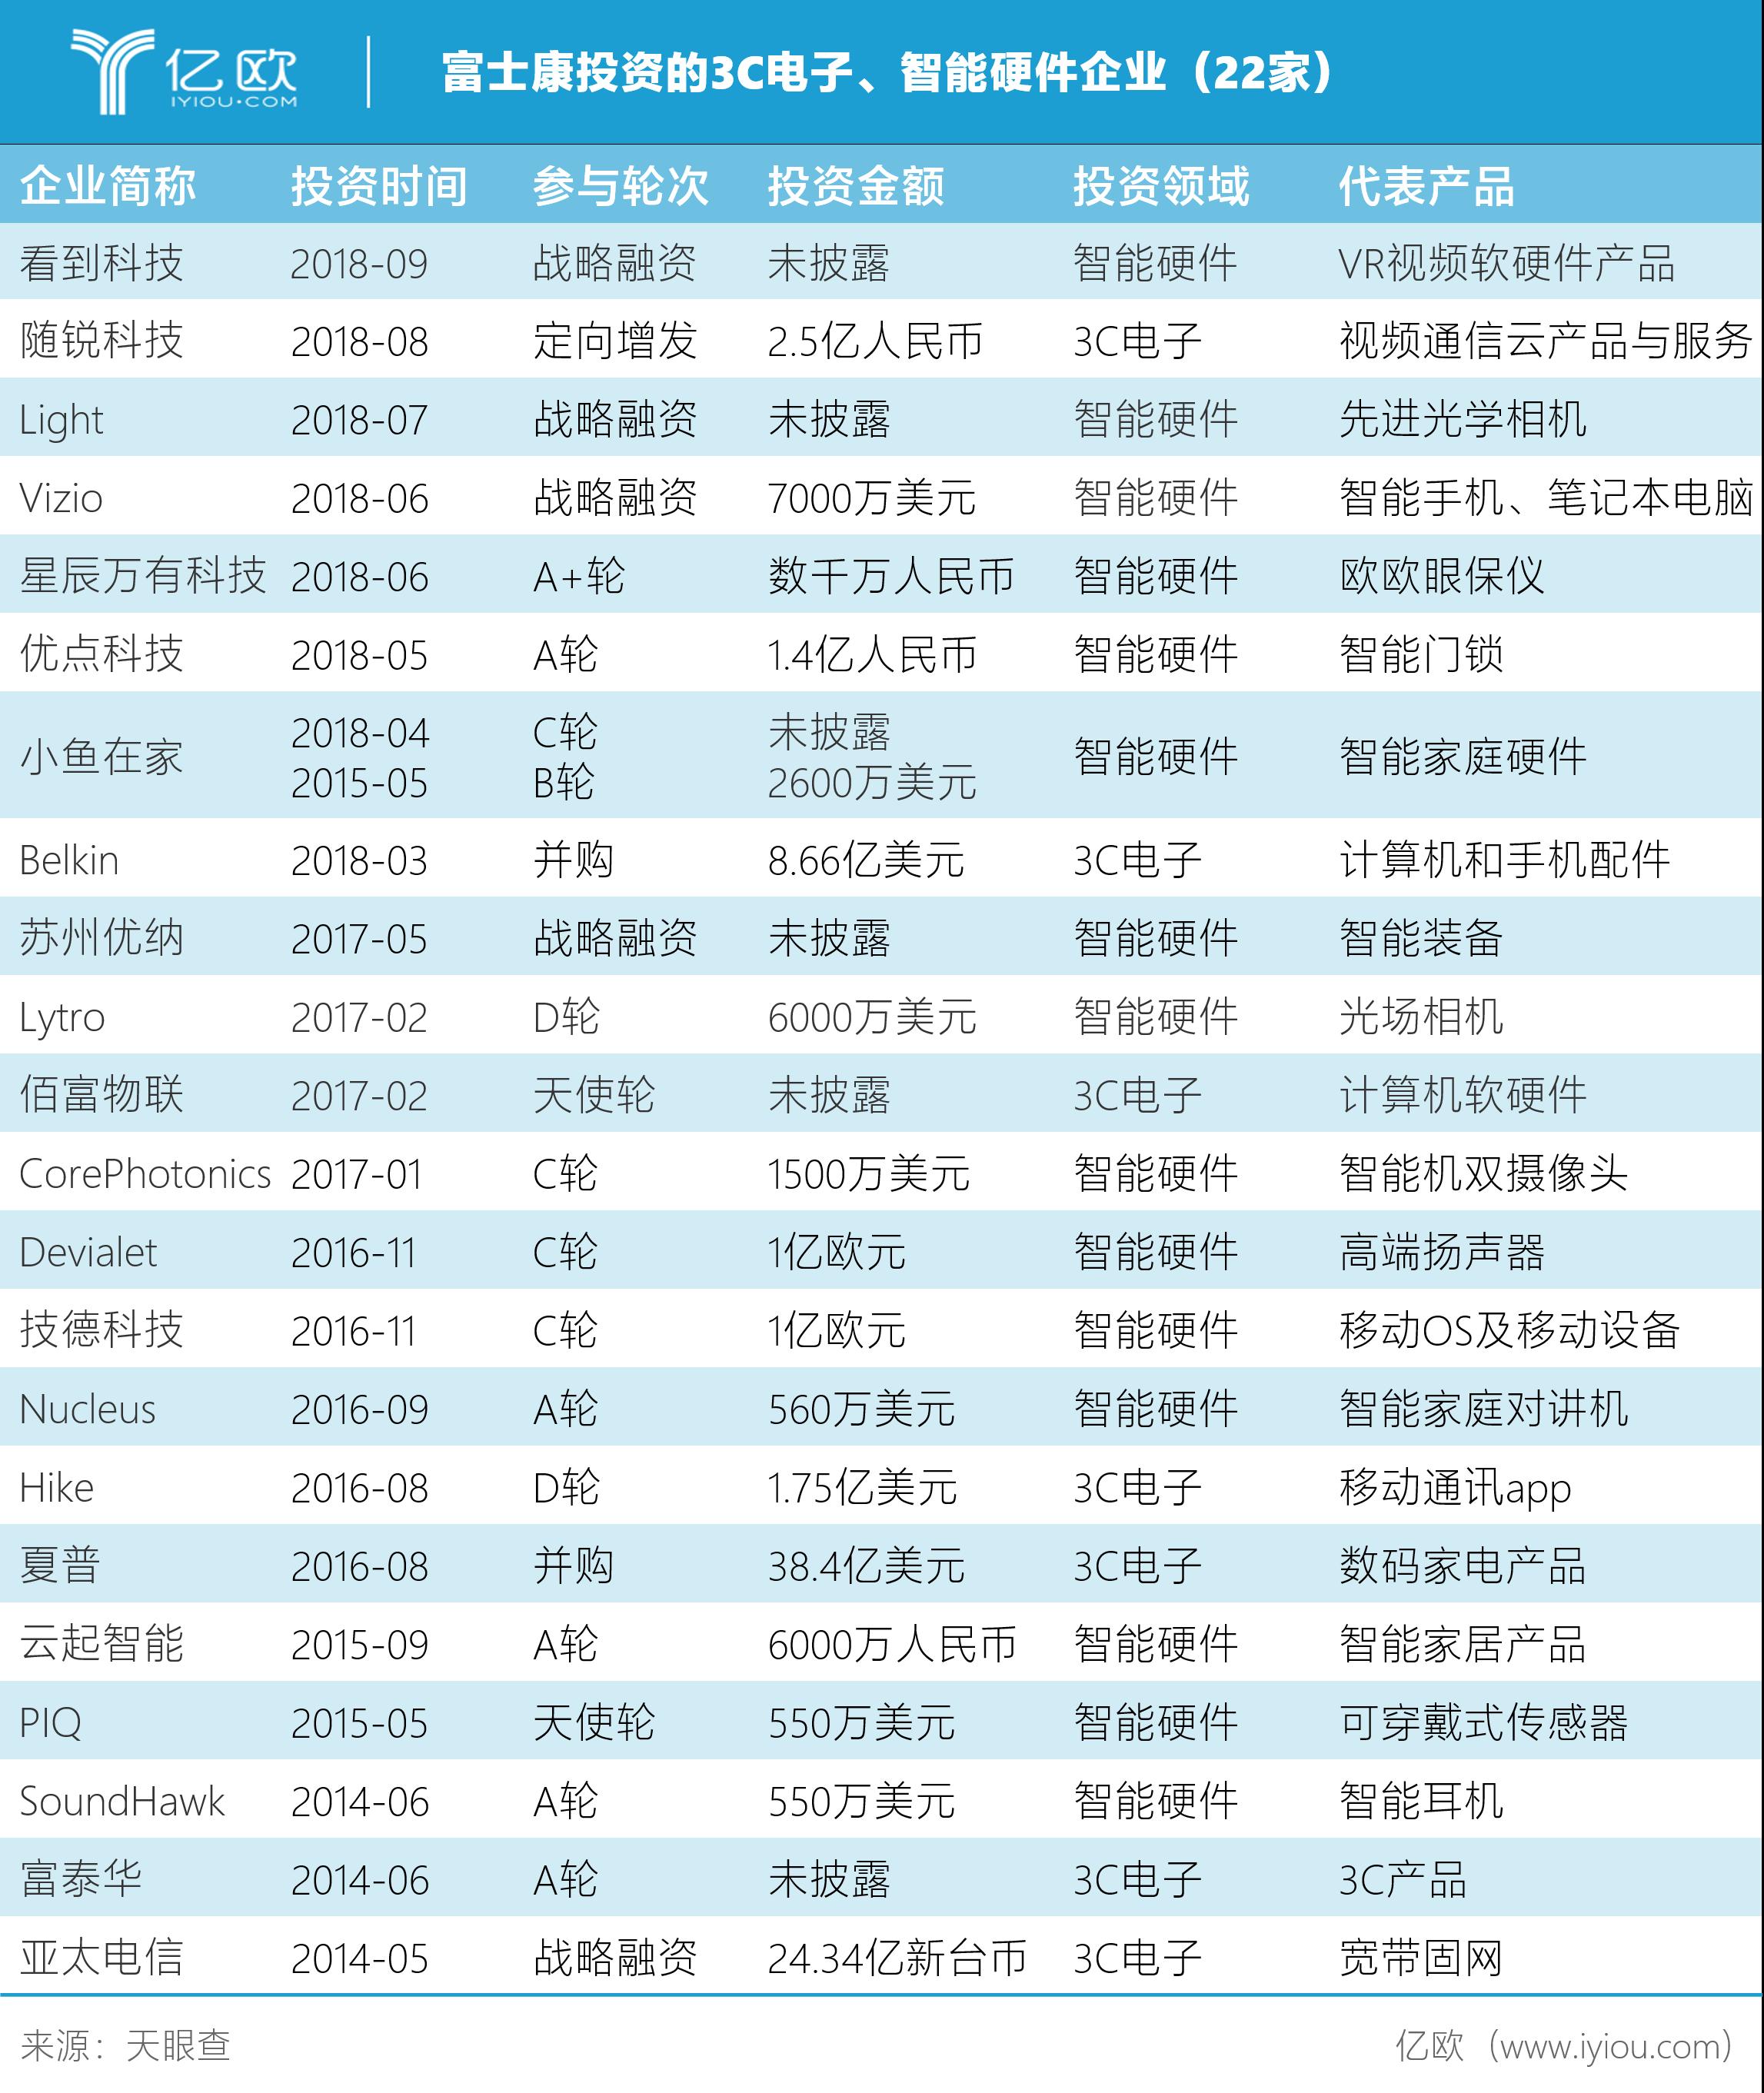 富士康投资的3C电子、智能硬件企业(22家)